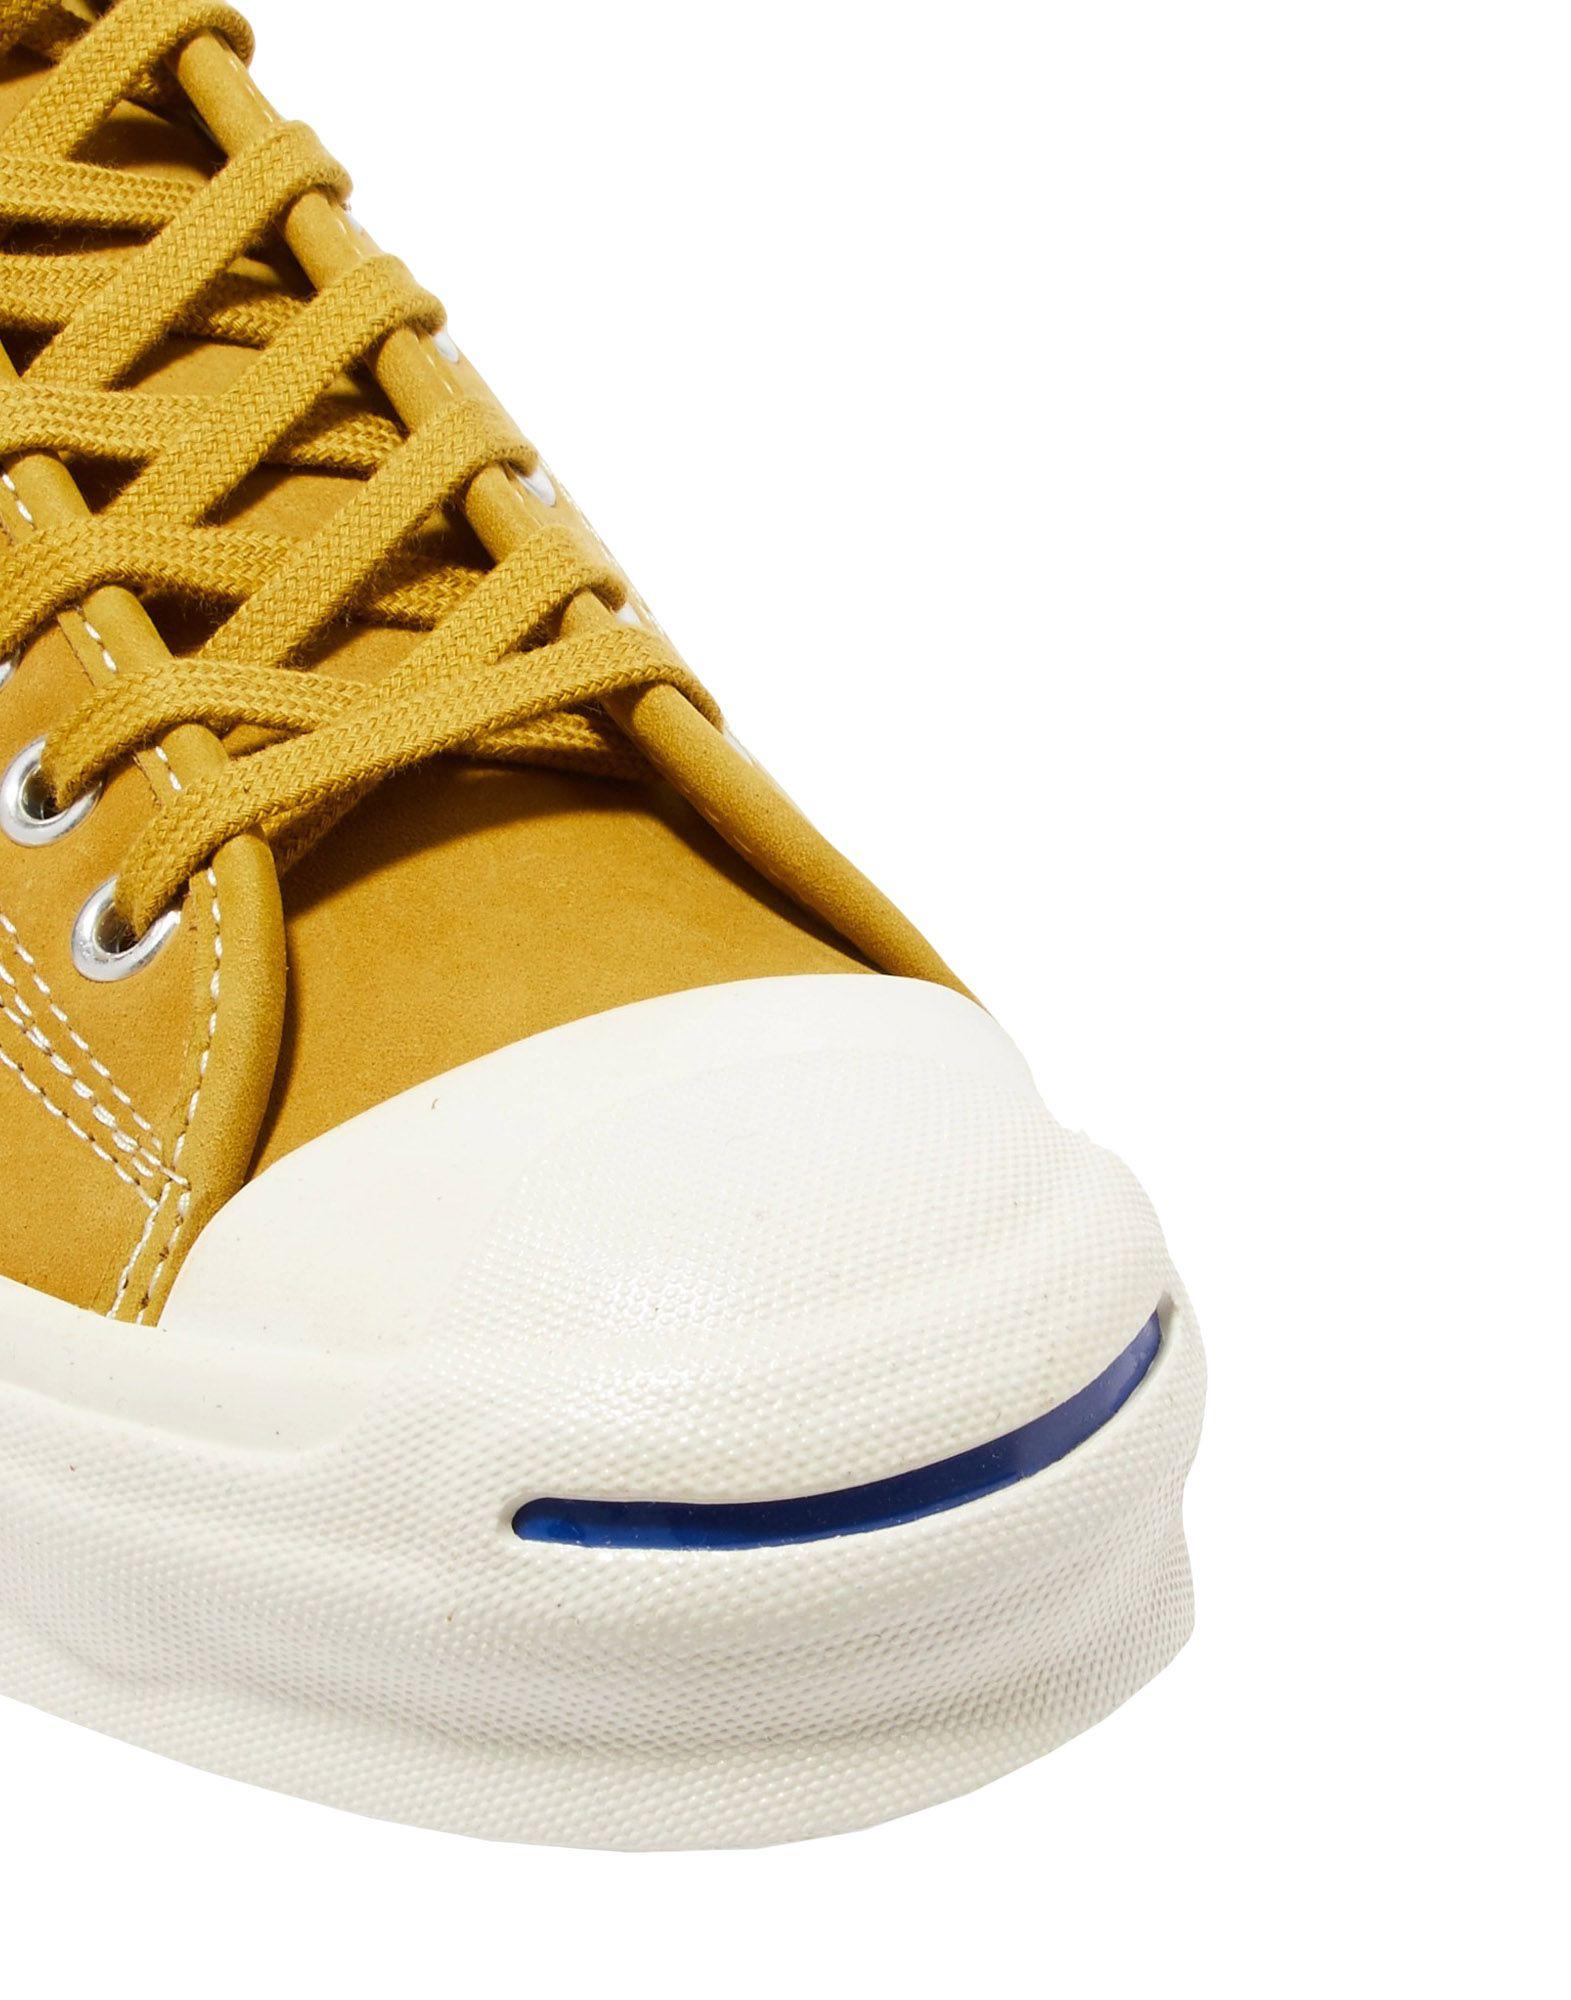 Converse Damen Jack Purcell Sneakers Damen Converse  11531511MM Neue Schuhe b4c1bc